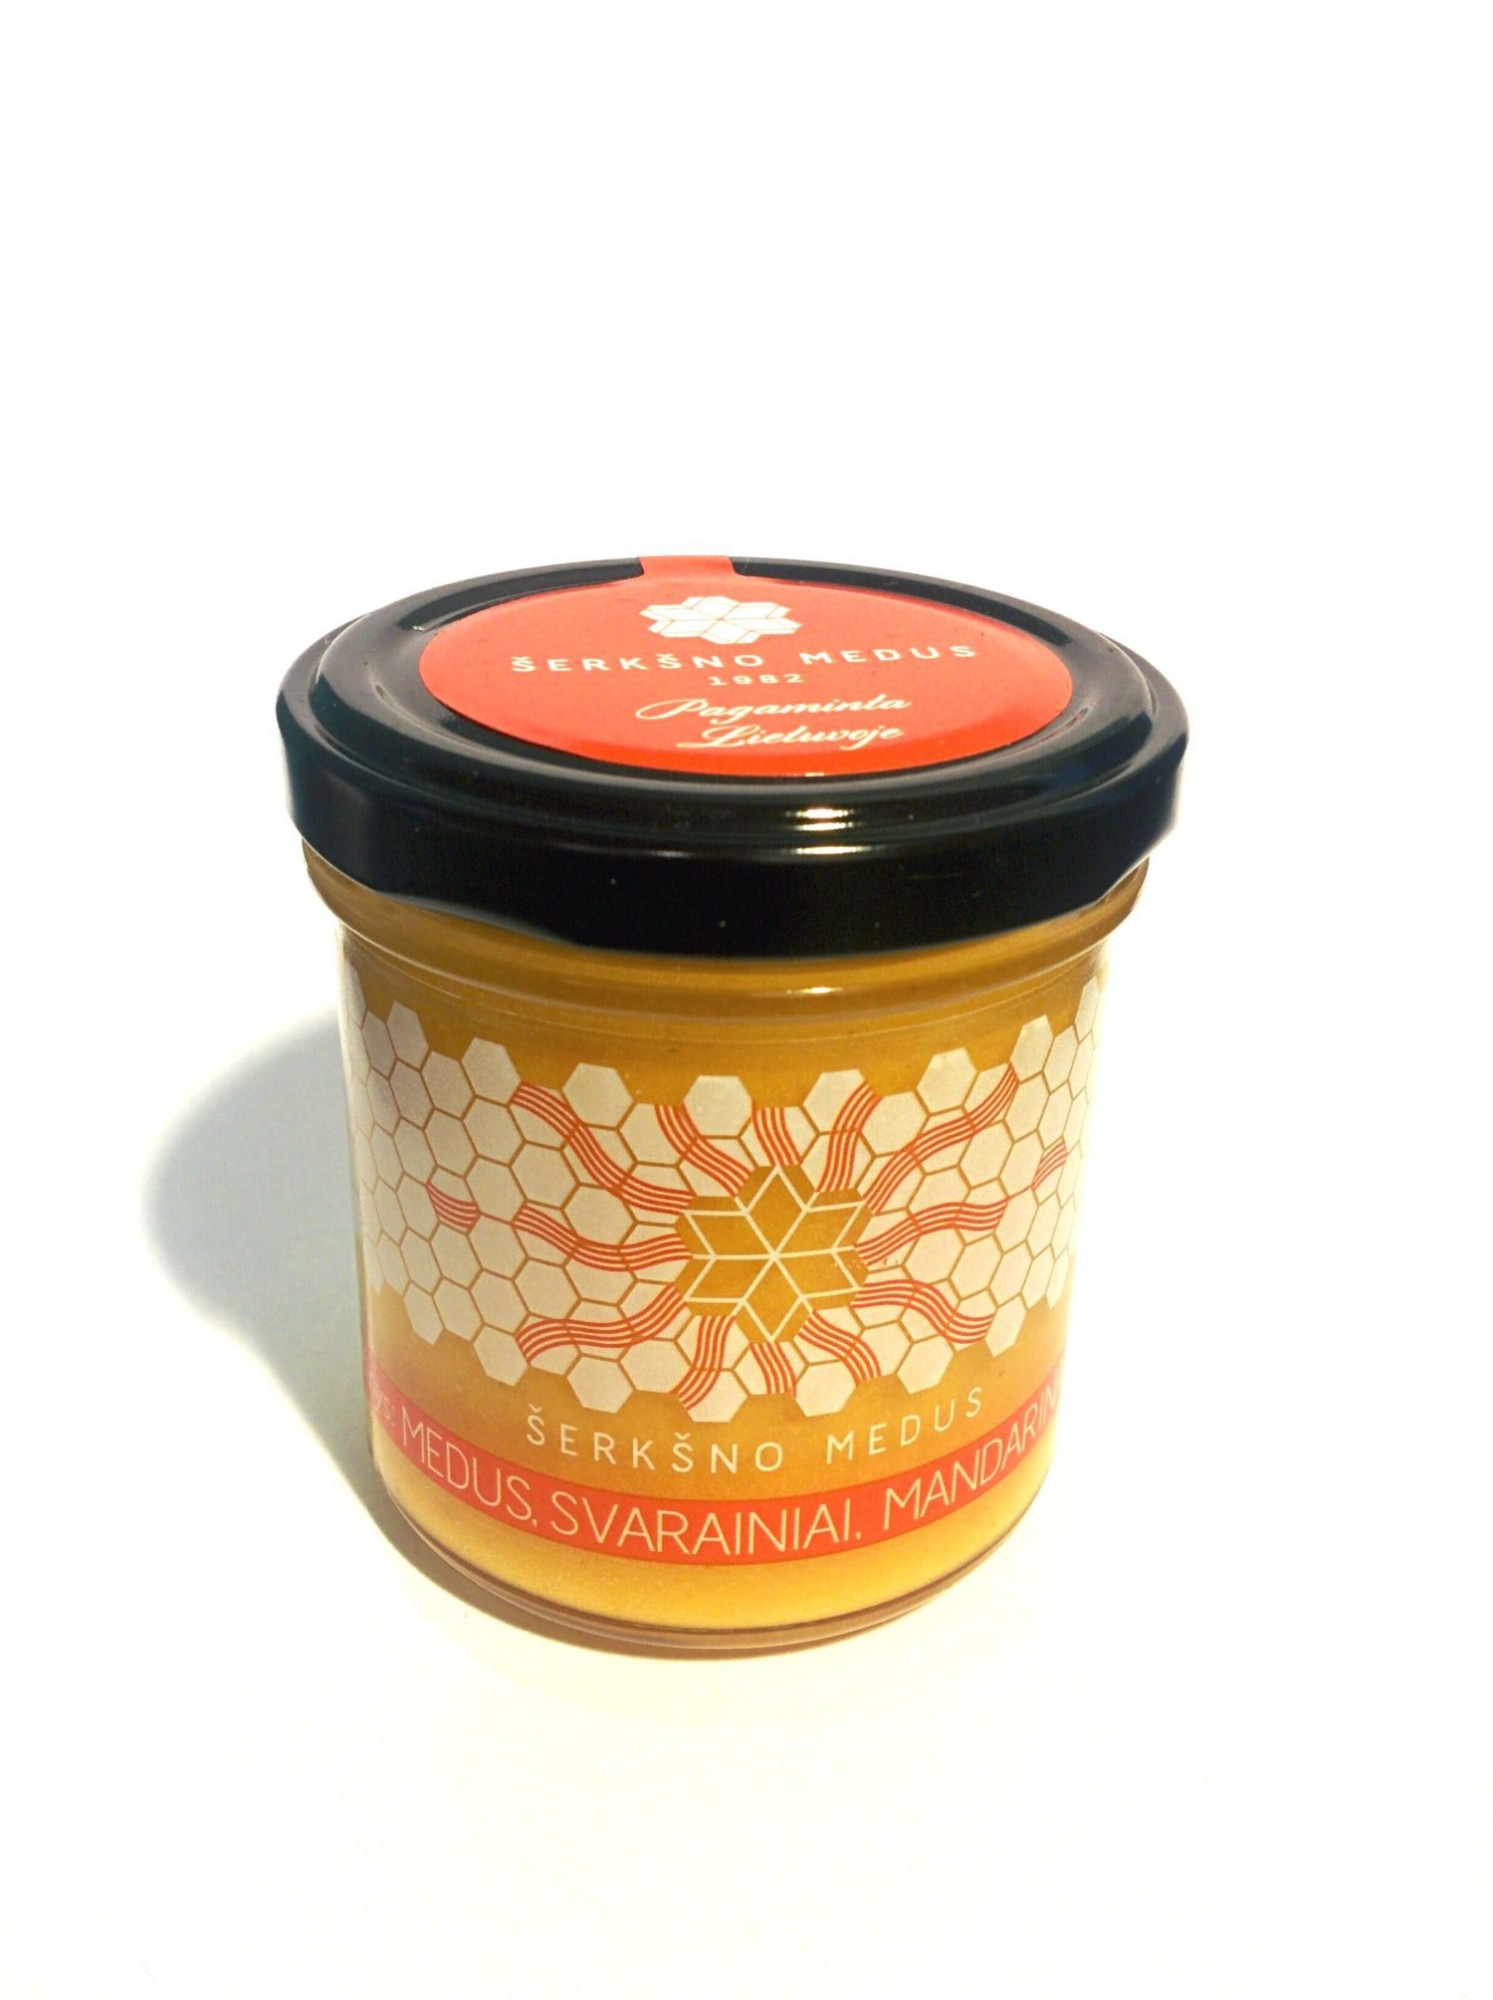 Medus su svarainiais ir mandarinais, 200g